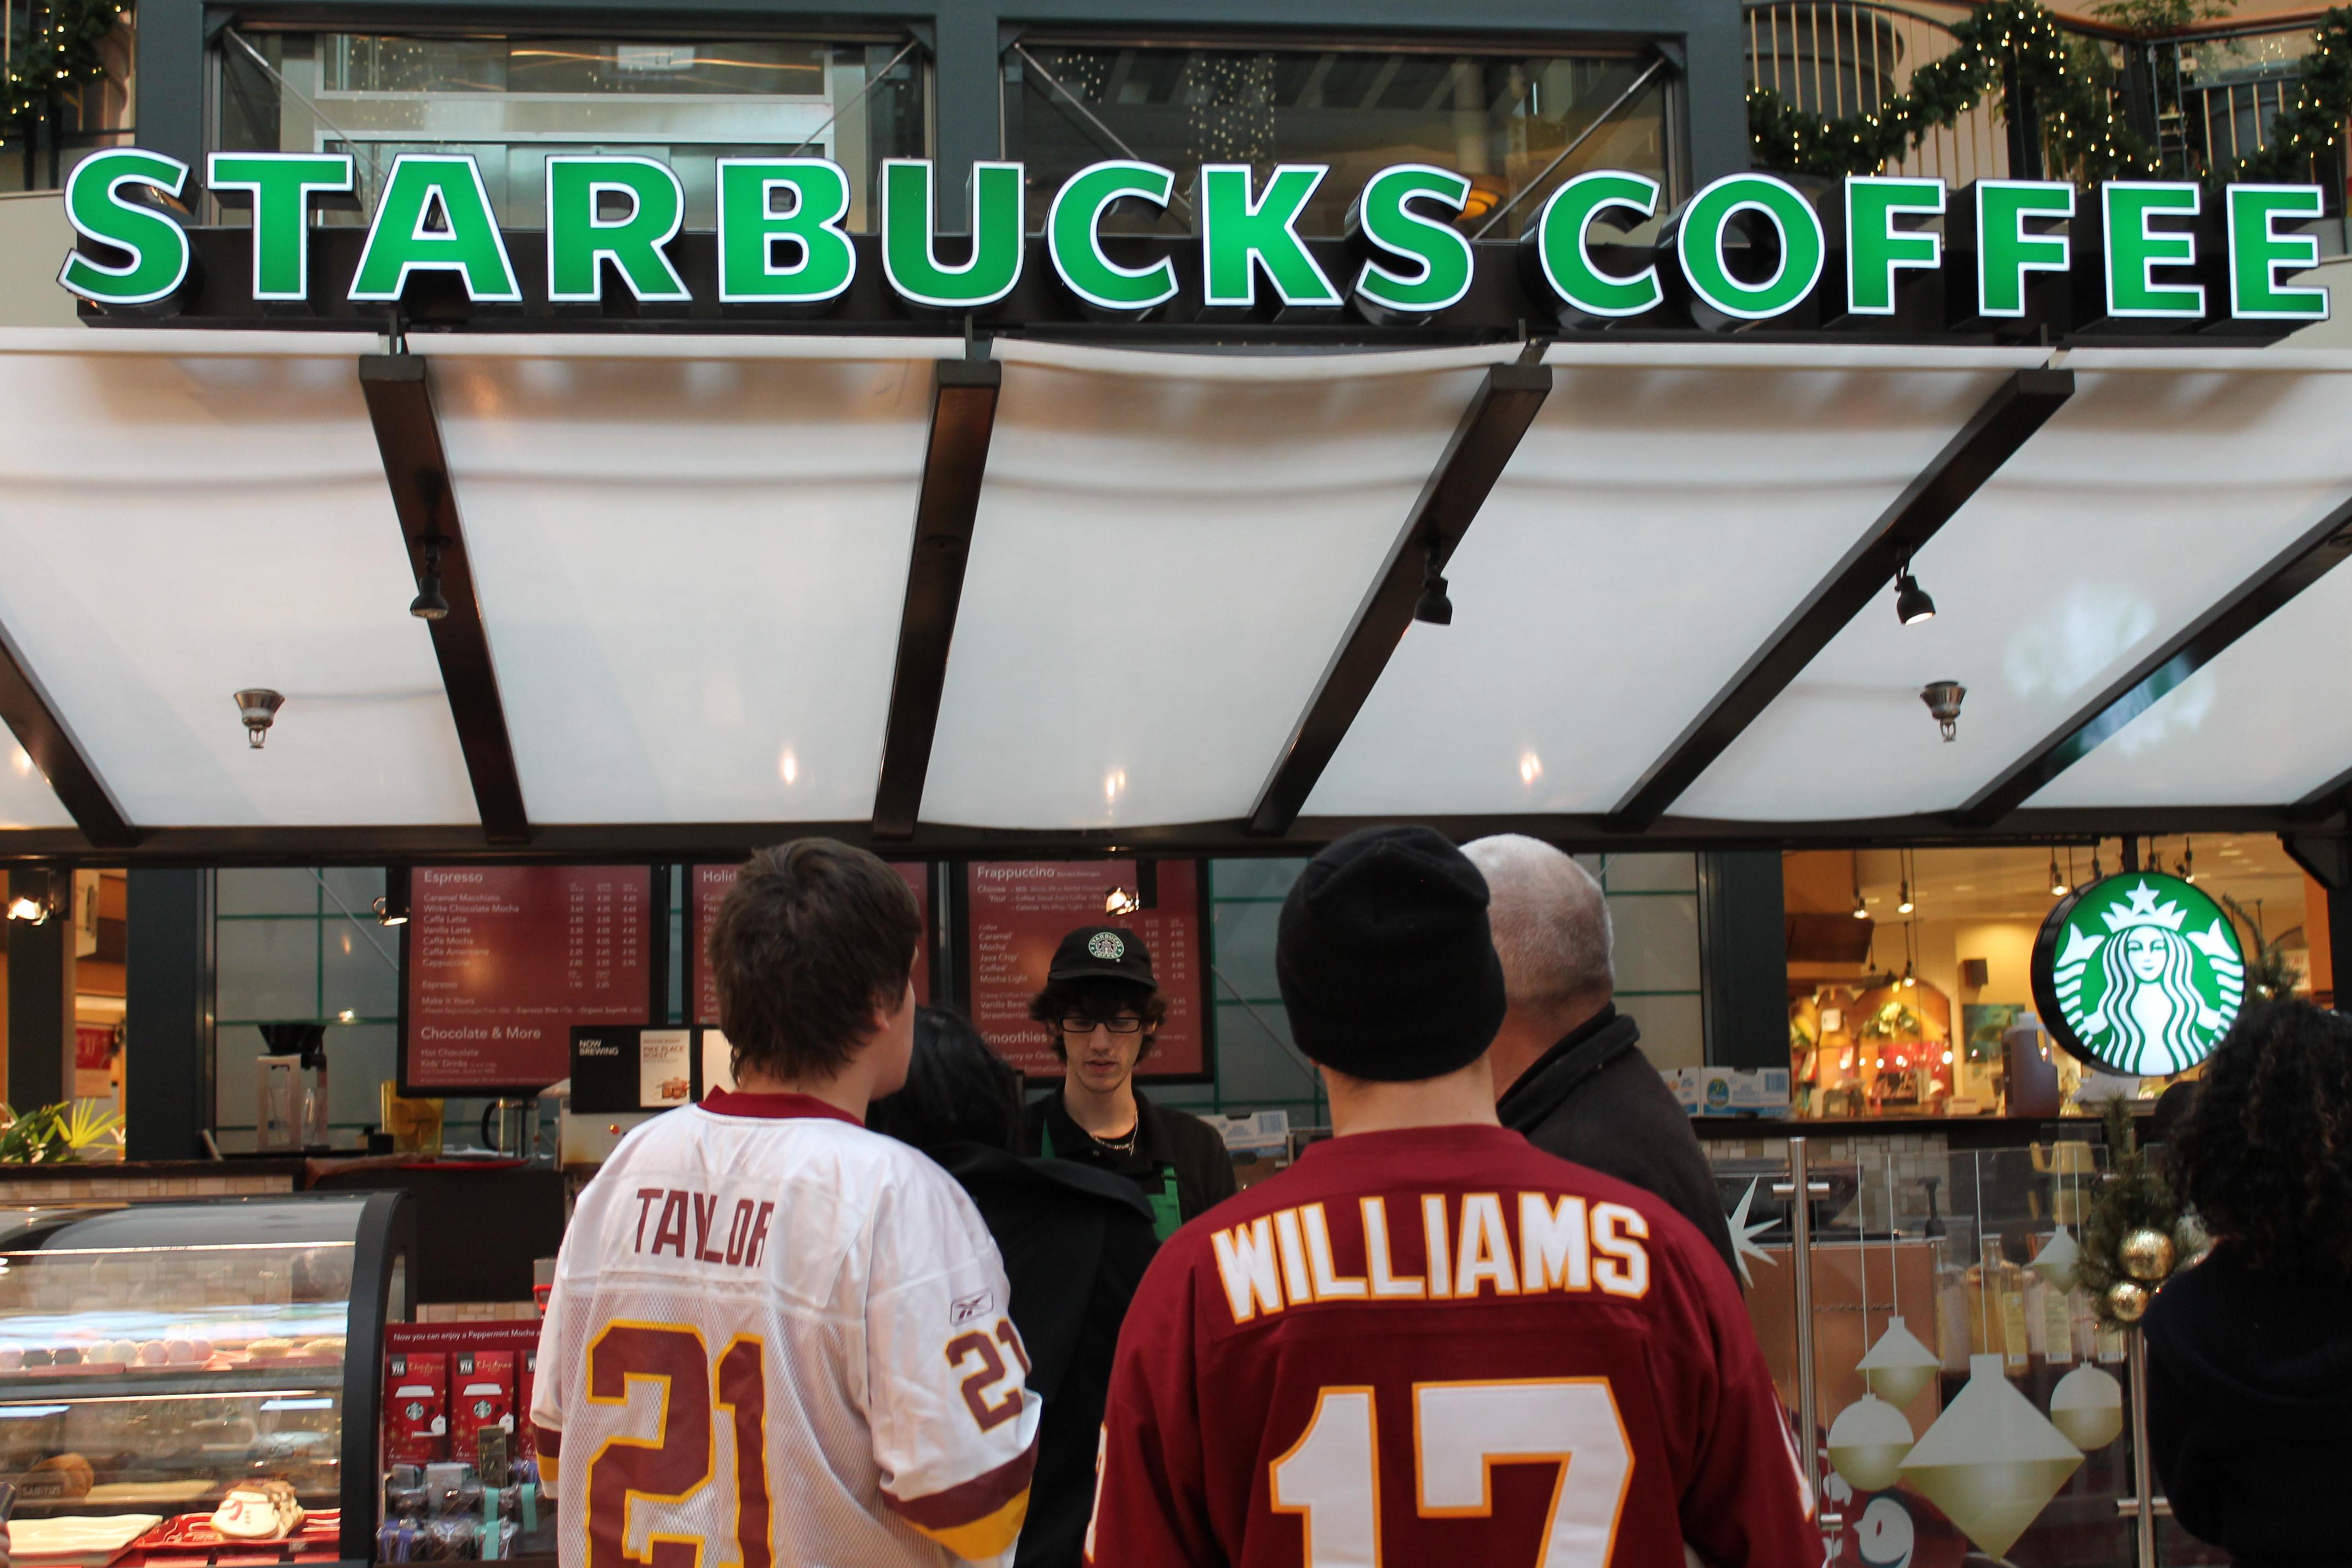 Santa Starbucks bribe